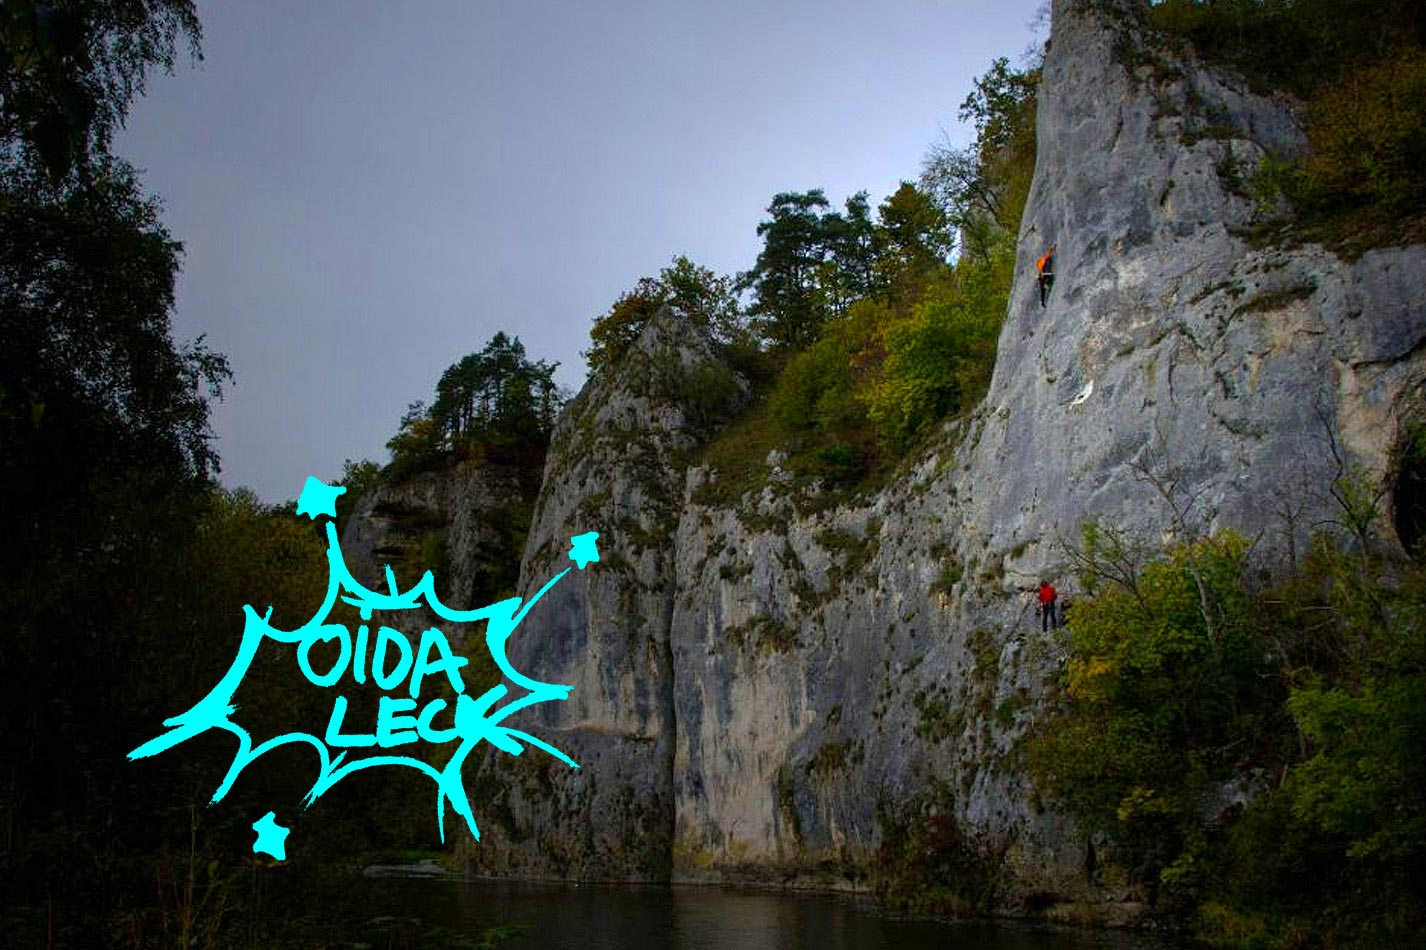 Unterstuetzung IG Klettern Donautal